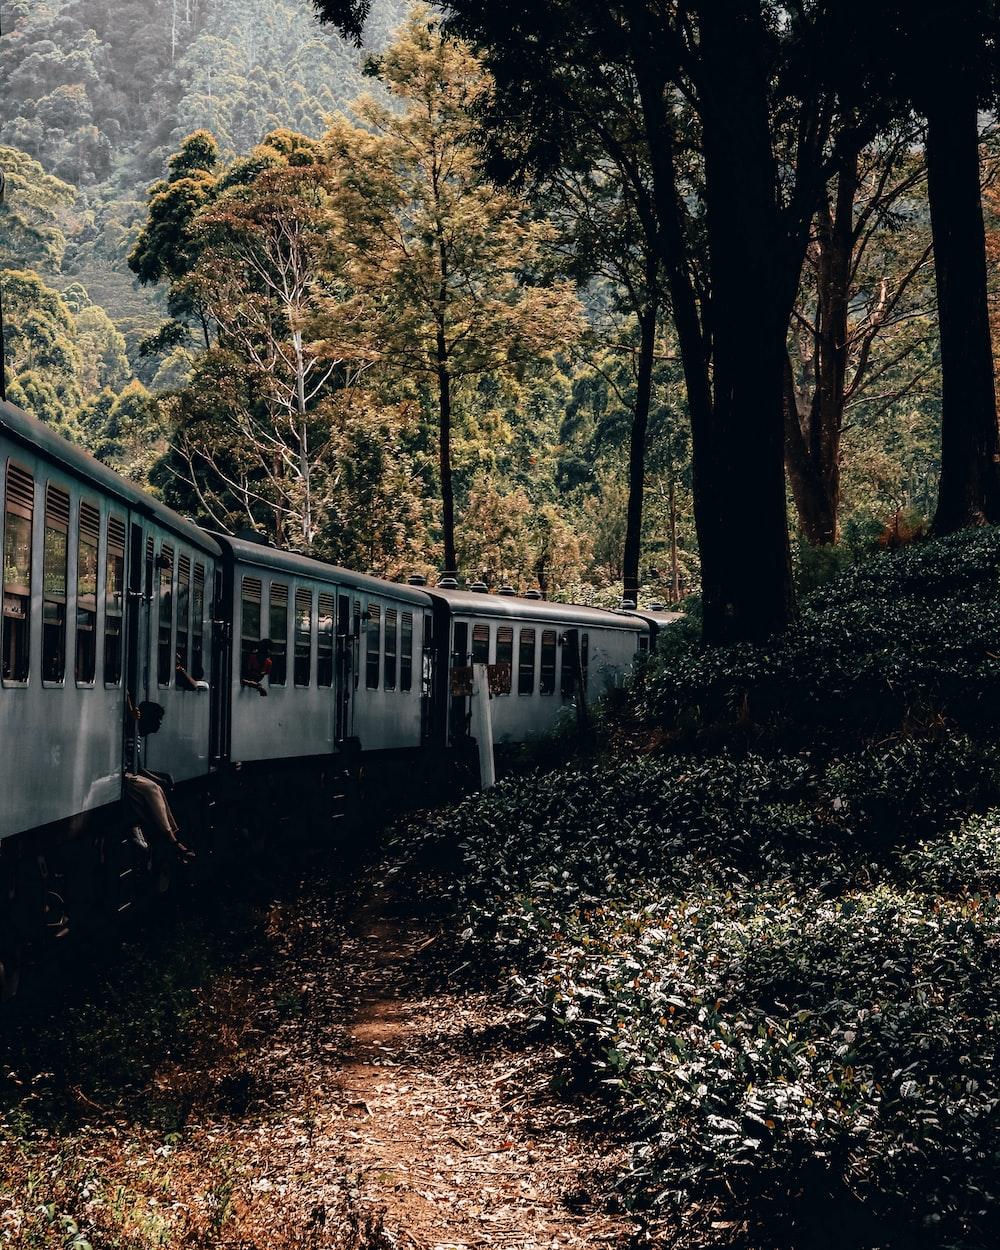 Train in Eliya